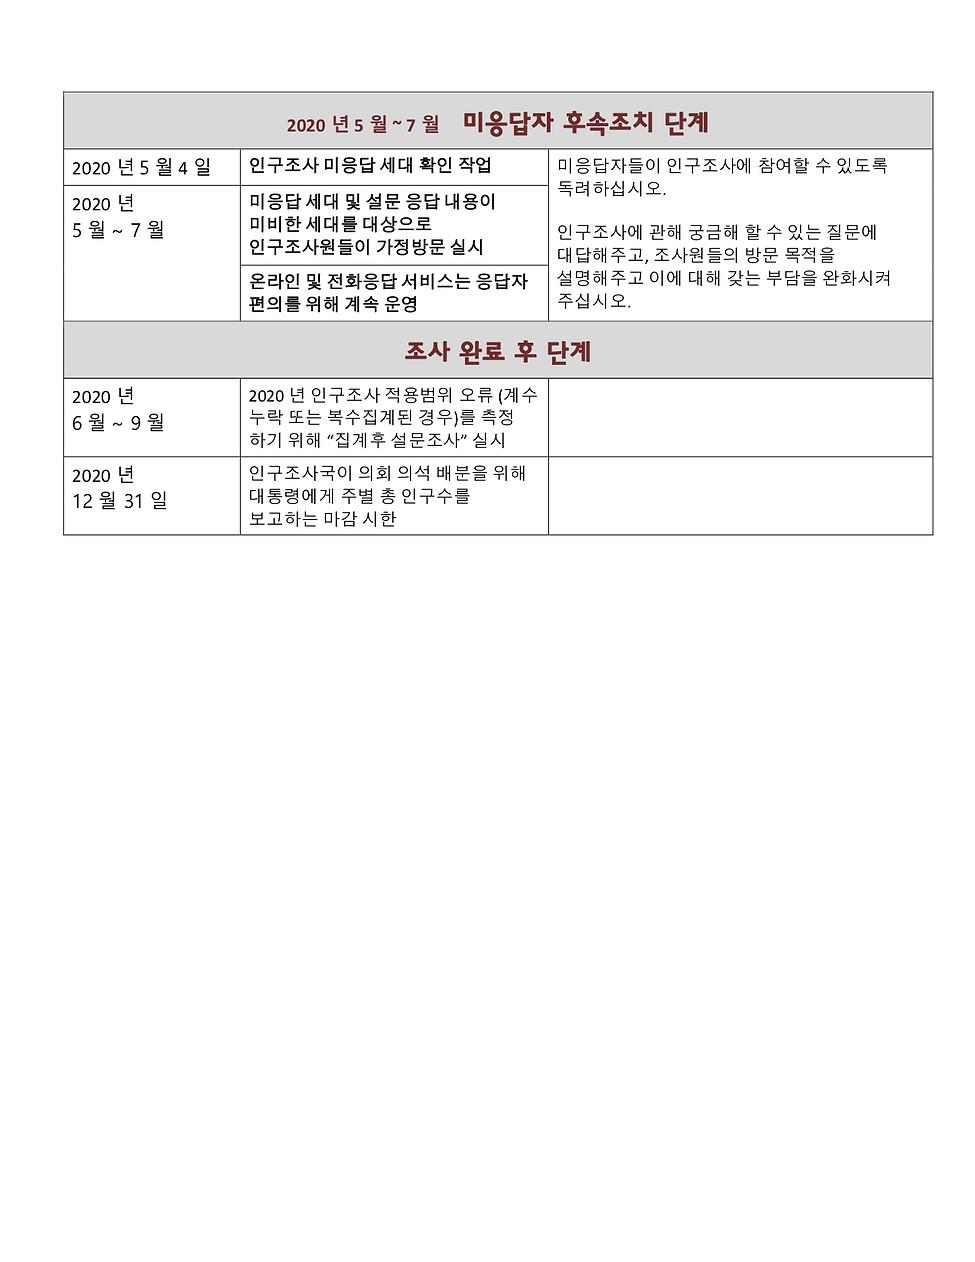 인구조사진행일정-2(드래그함).tiff